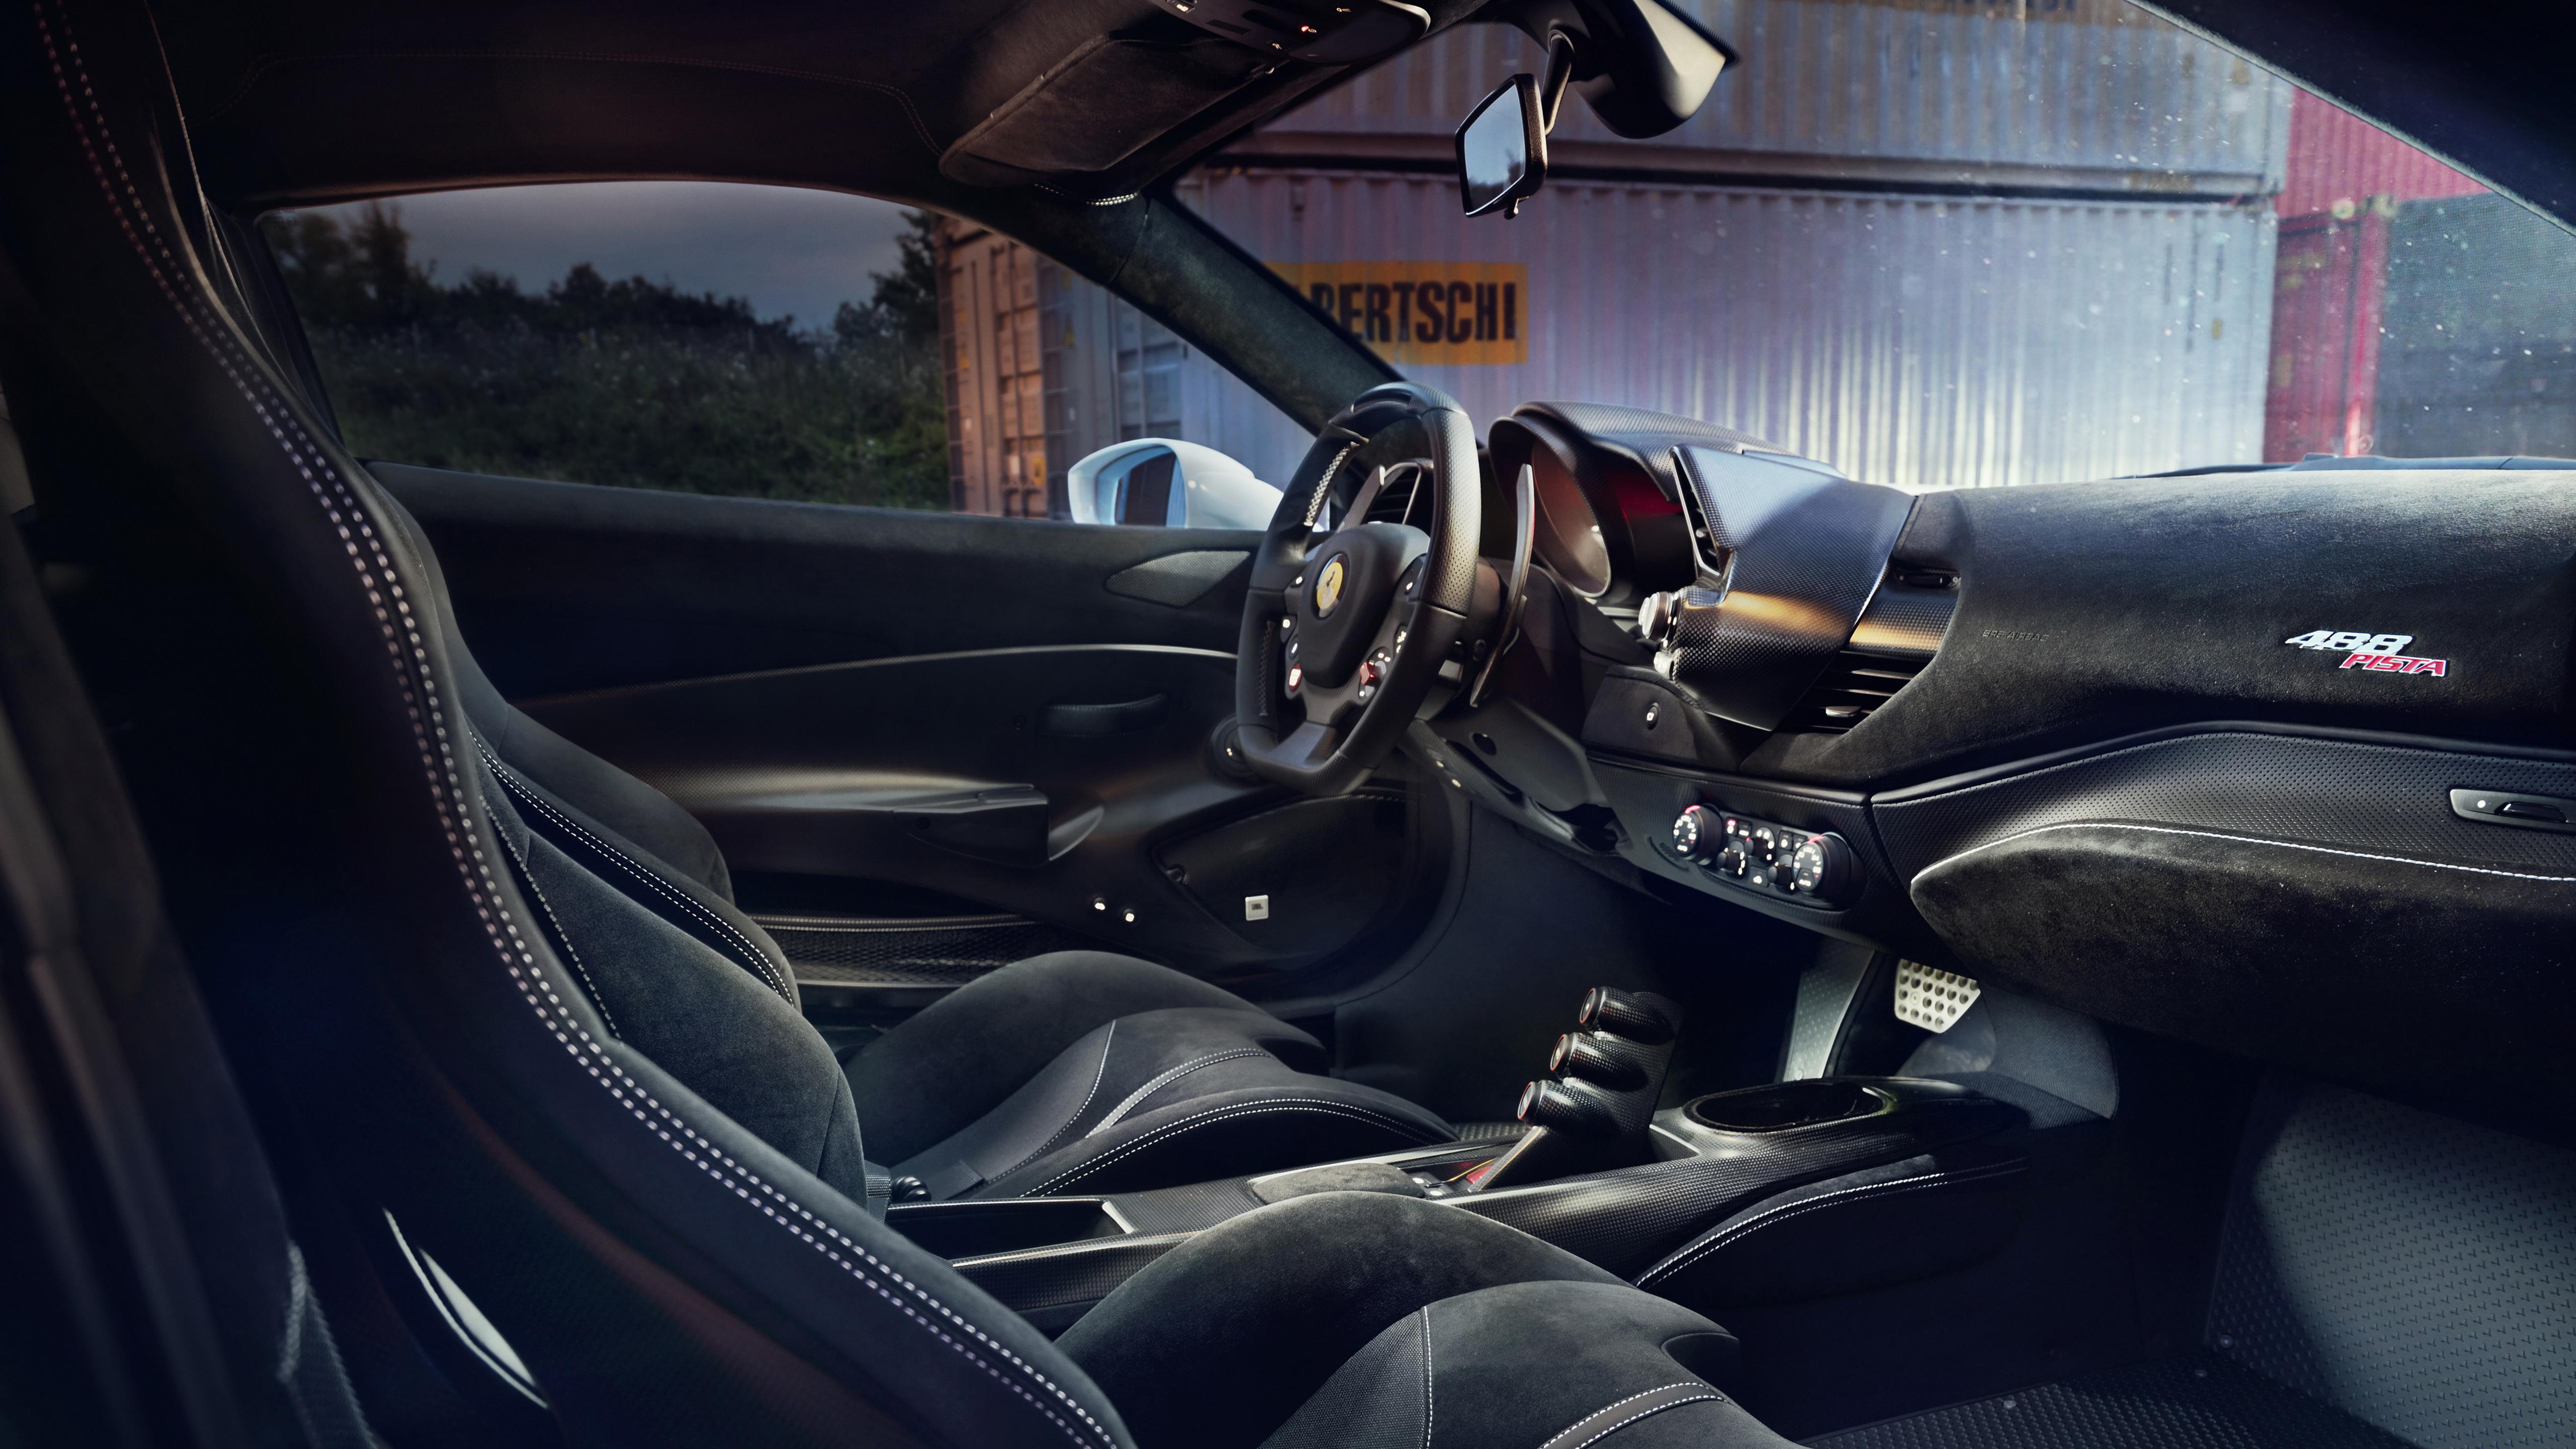 Novitec Ferrari 488 Pista 2019 4k Interior Wallpaper Hd Car Wallpapers Id 13008